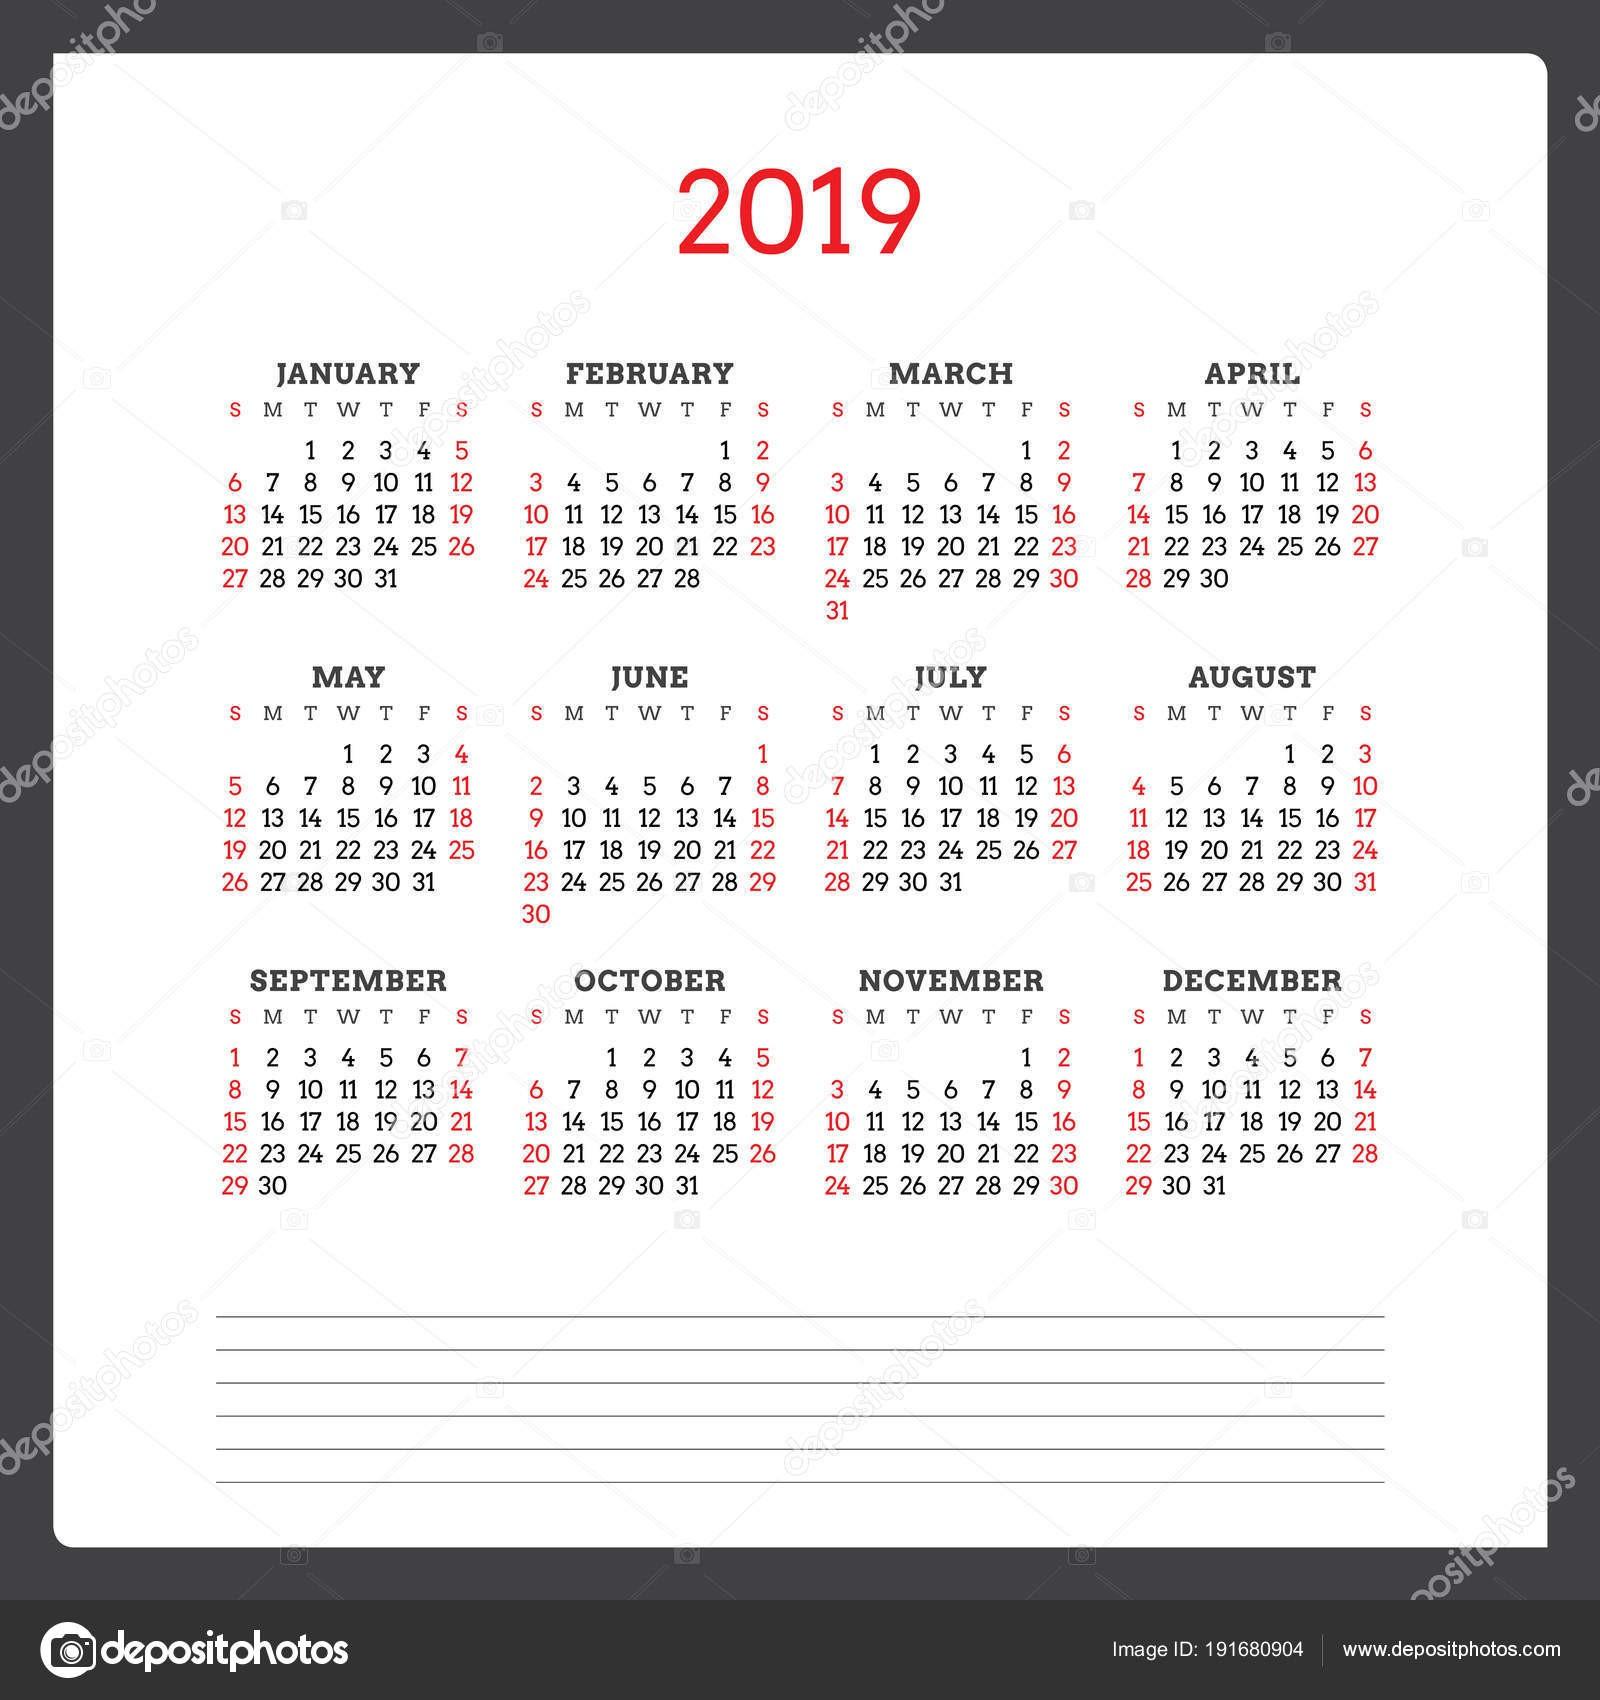 Imprimir Calendario 2019 En Ingles Más Reciente Kalendář Na Rok 2019 T½den Začná V Neděli Åablona Návrhu Å¡ablony Of Imprimir Calendario 2019 En Ingles Más Arriba-a-fecha Cursos Od Y De Carrera En Inglés 2 2016 Relaciones